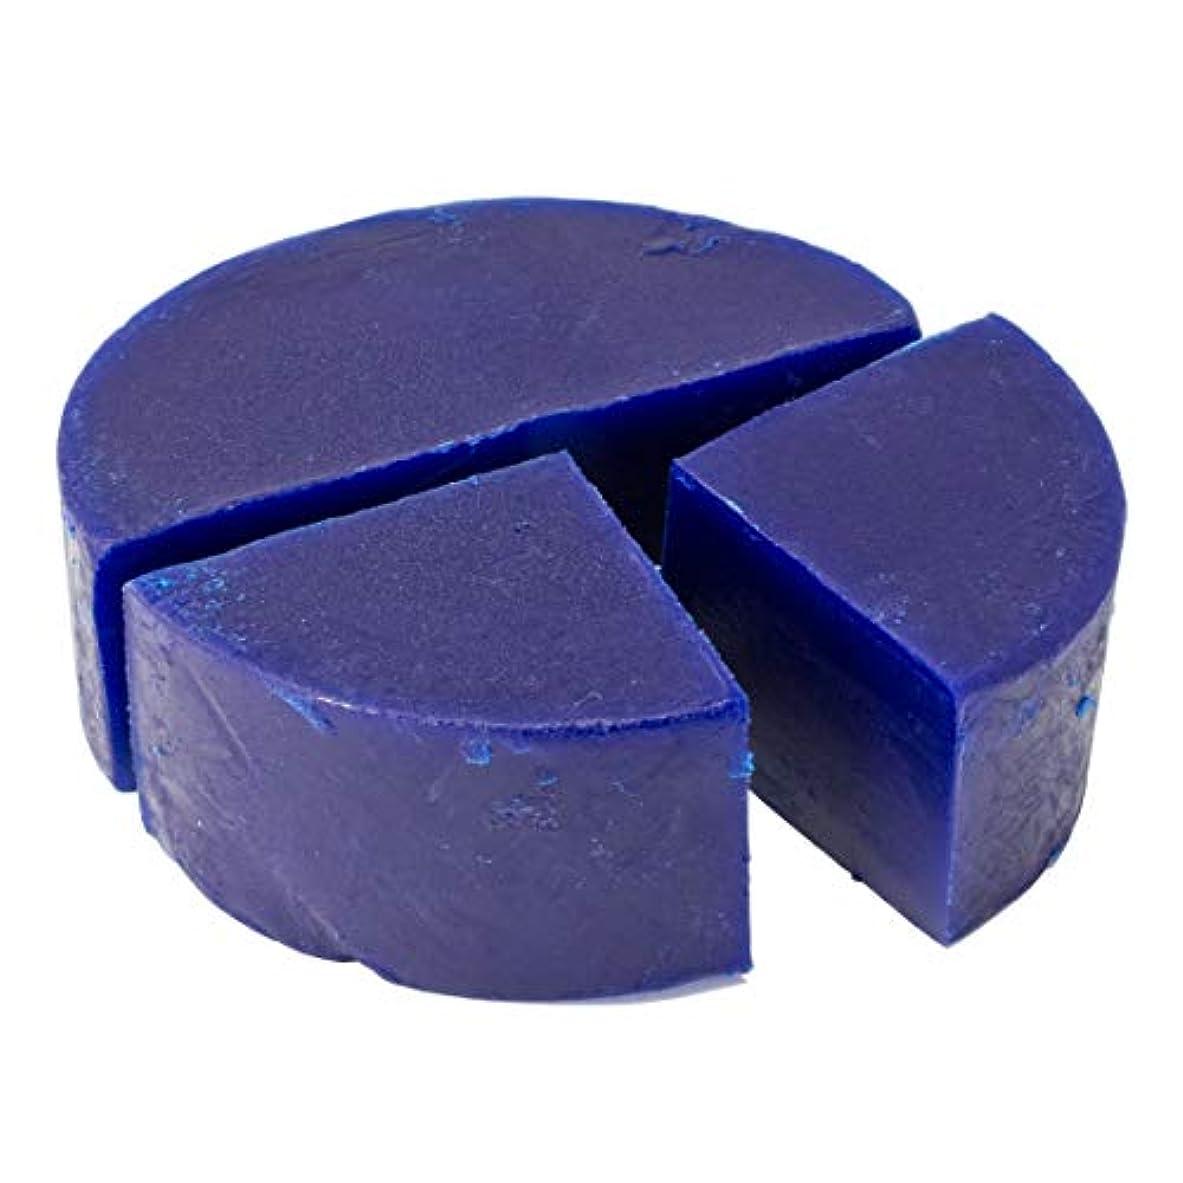 掃除蒸し器聞きますグリセリン クリアソープ 色チップ 青 100g (MPソープ)